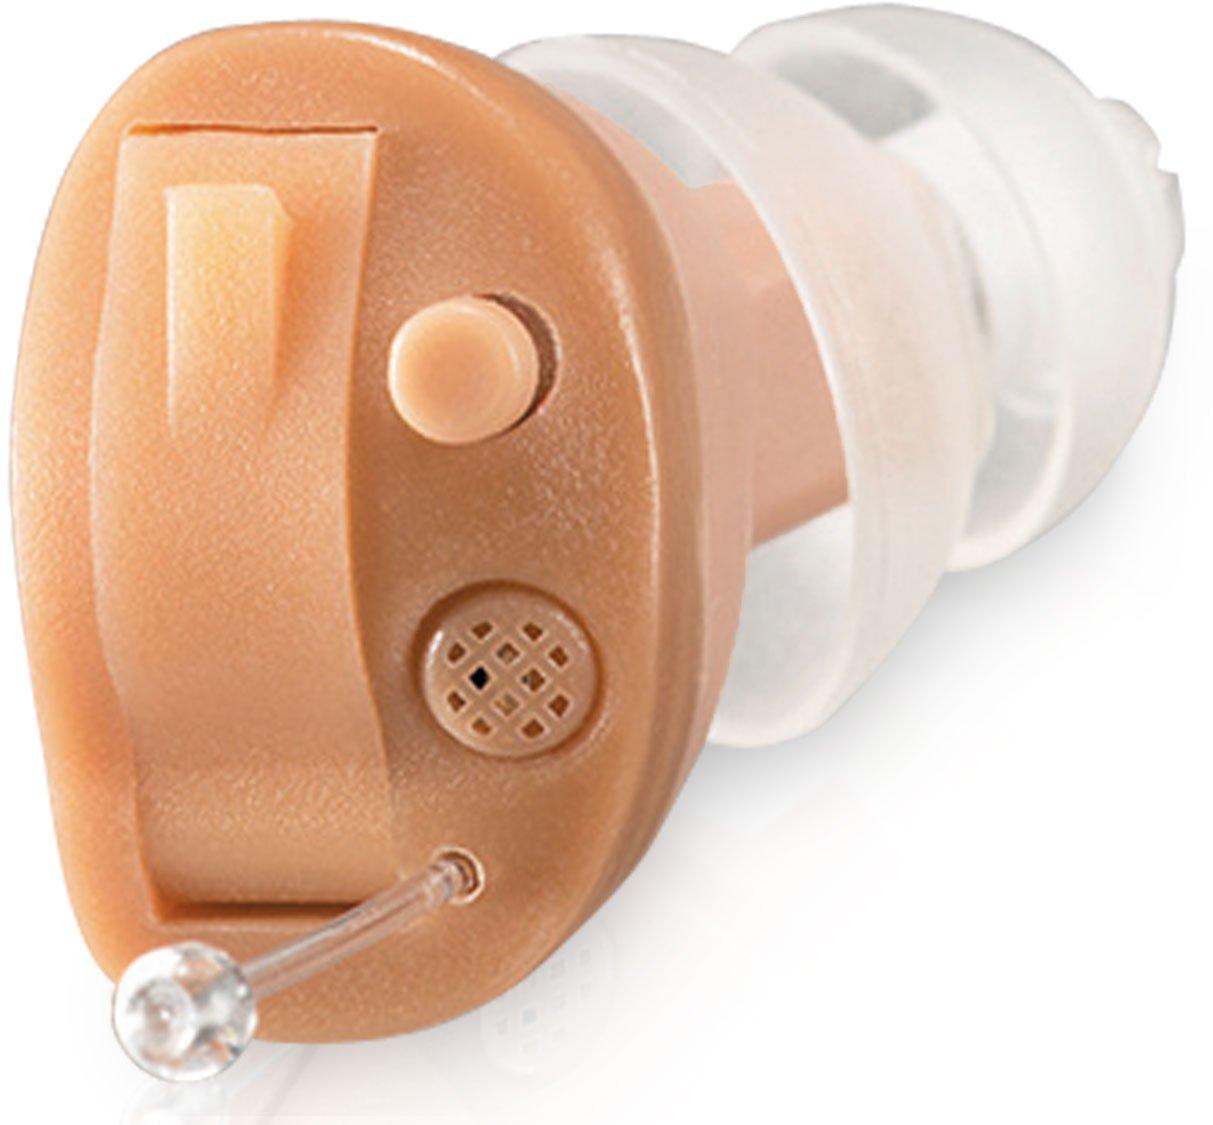 シグニア A&M 補聴器 集音器 デジタル 耳いちばんプレミアム 耳穴式 コンパクト ハウリング 左耳用 B01MSNFLW1